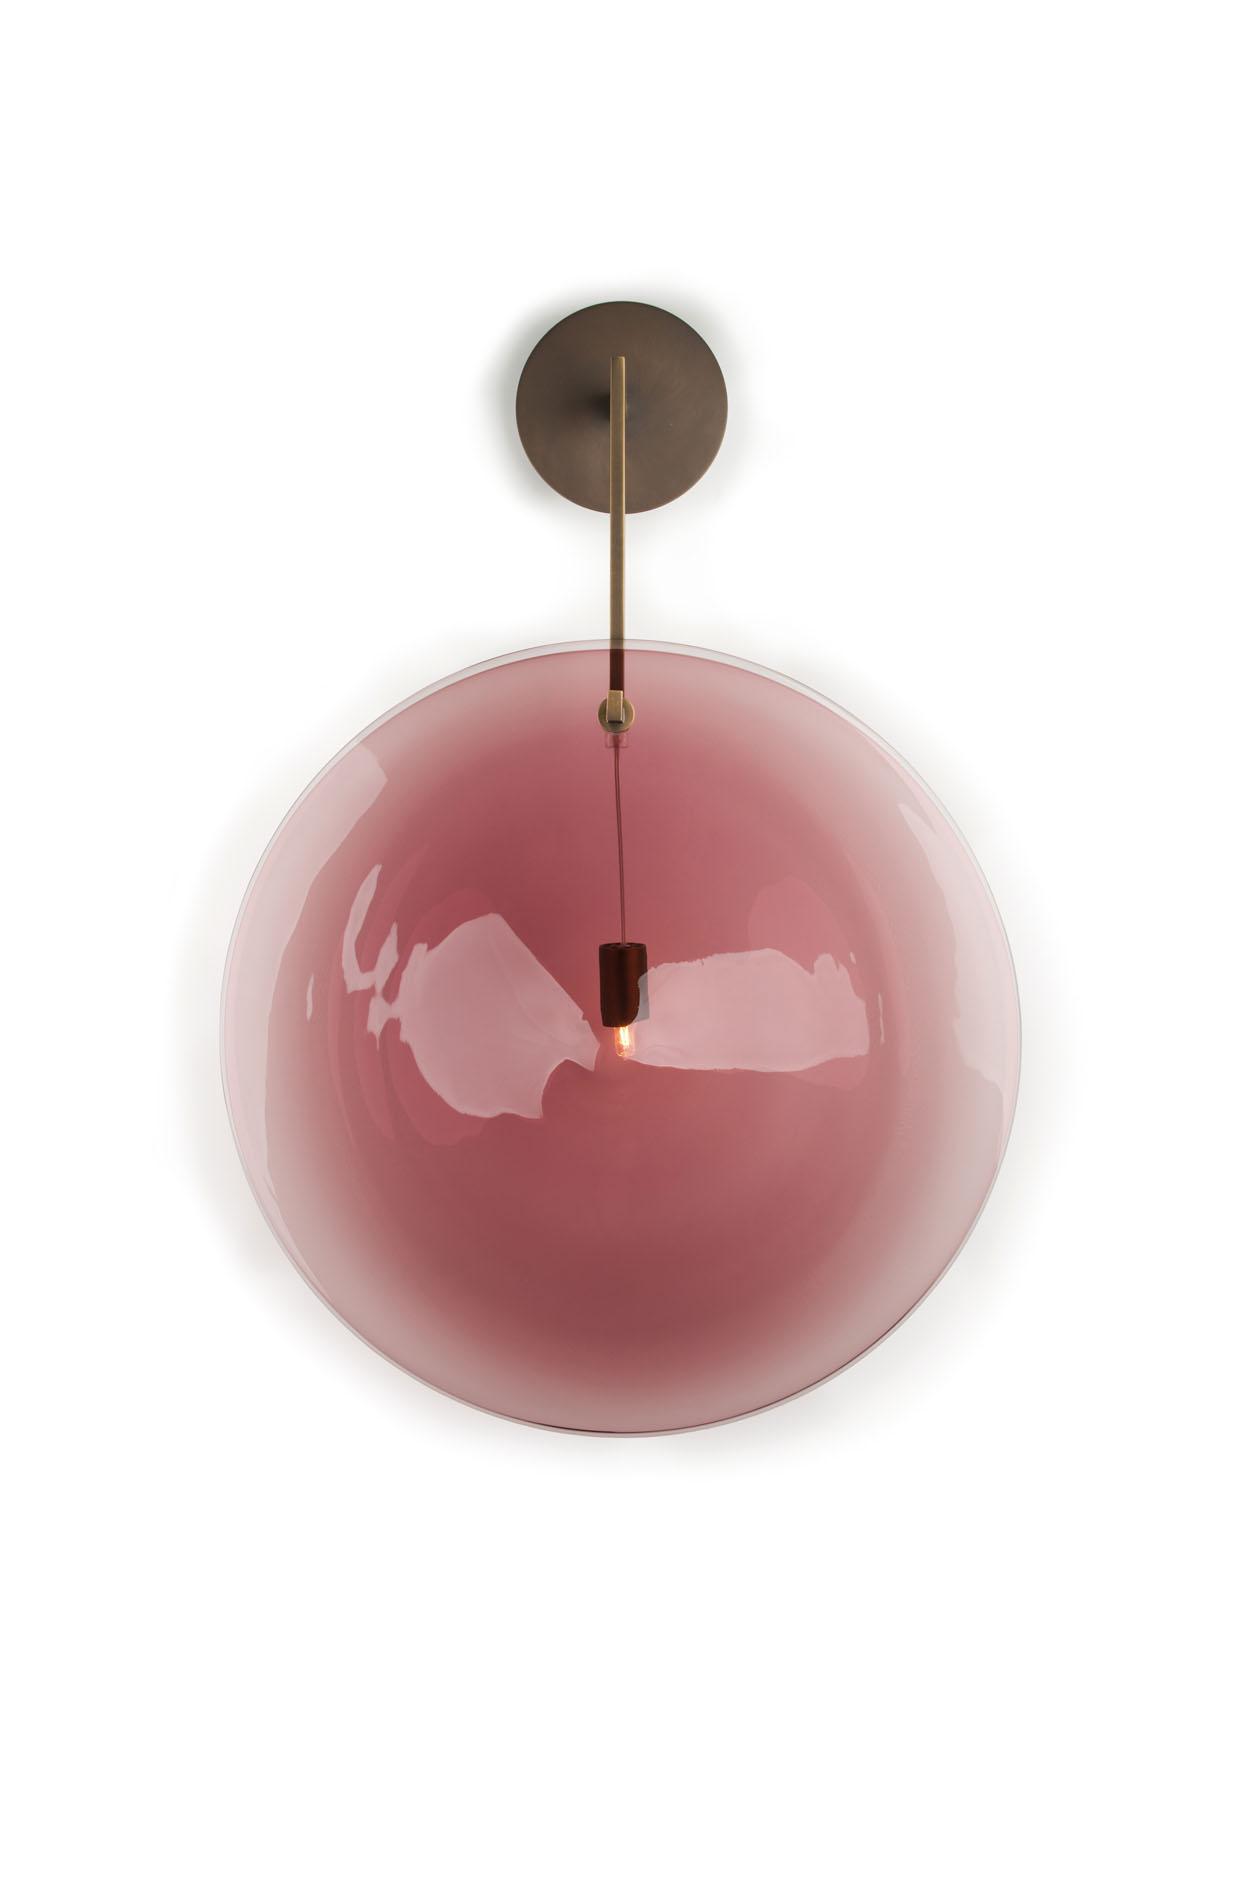 orbe-applique-wall-sconce-amethyst-bronze-patrick-naggar-veronese.jpg